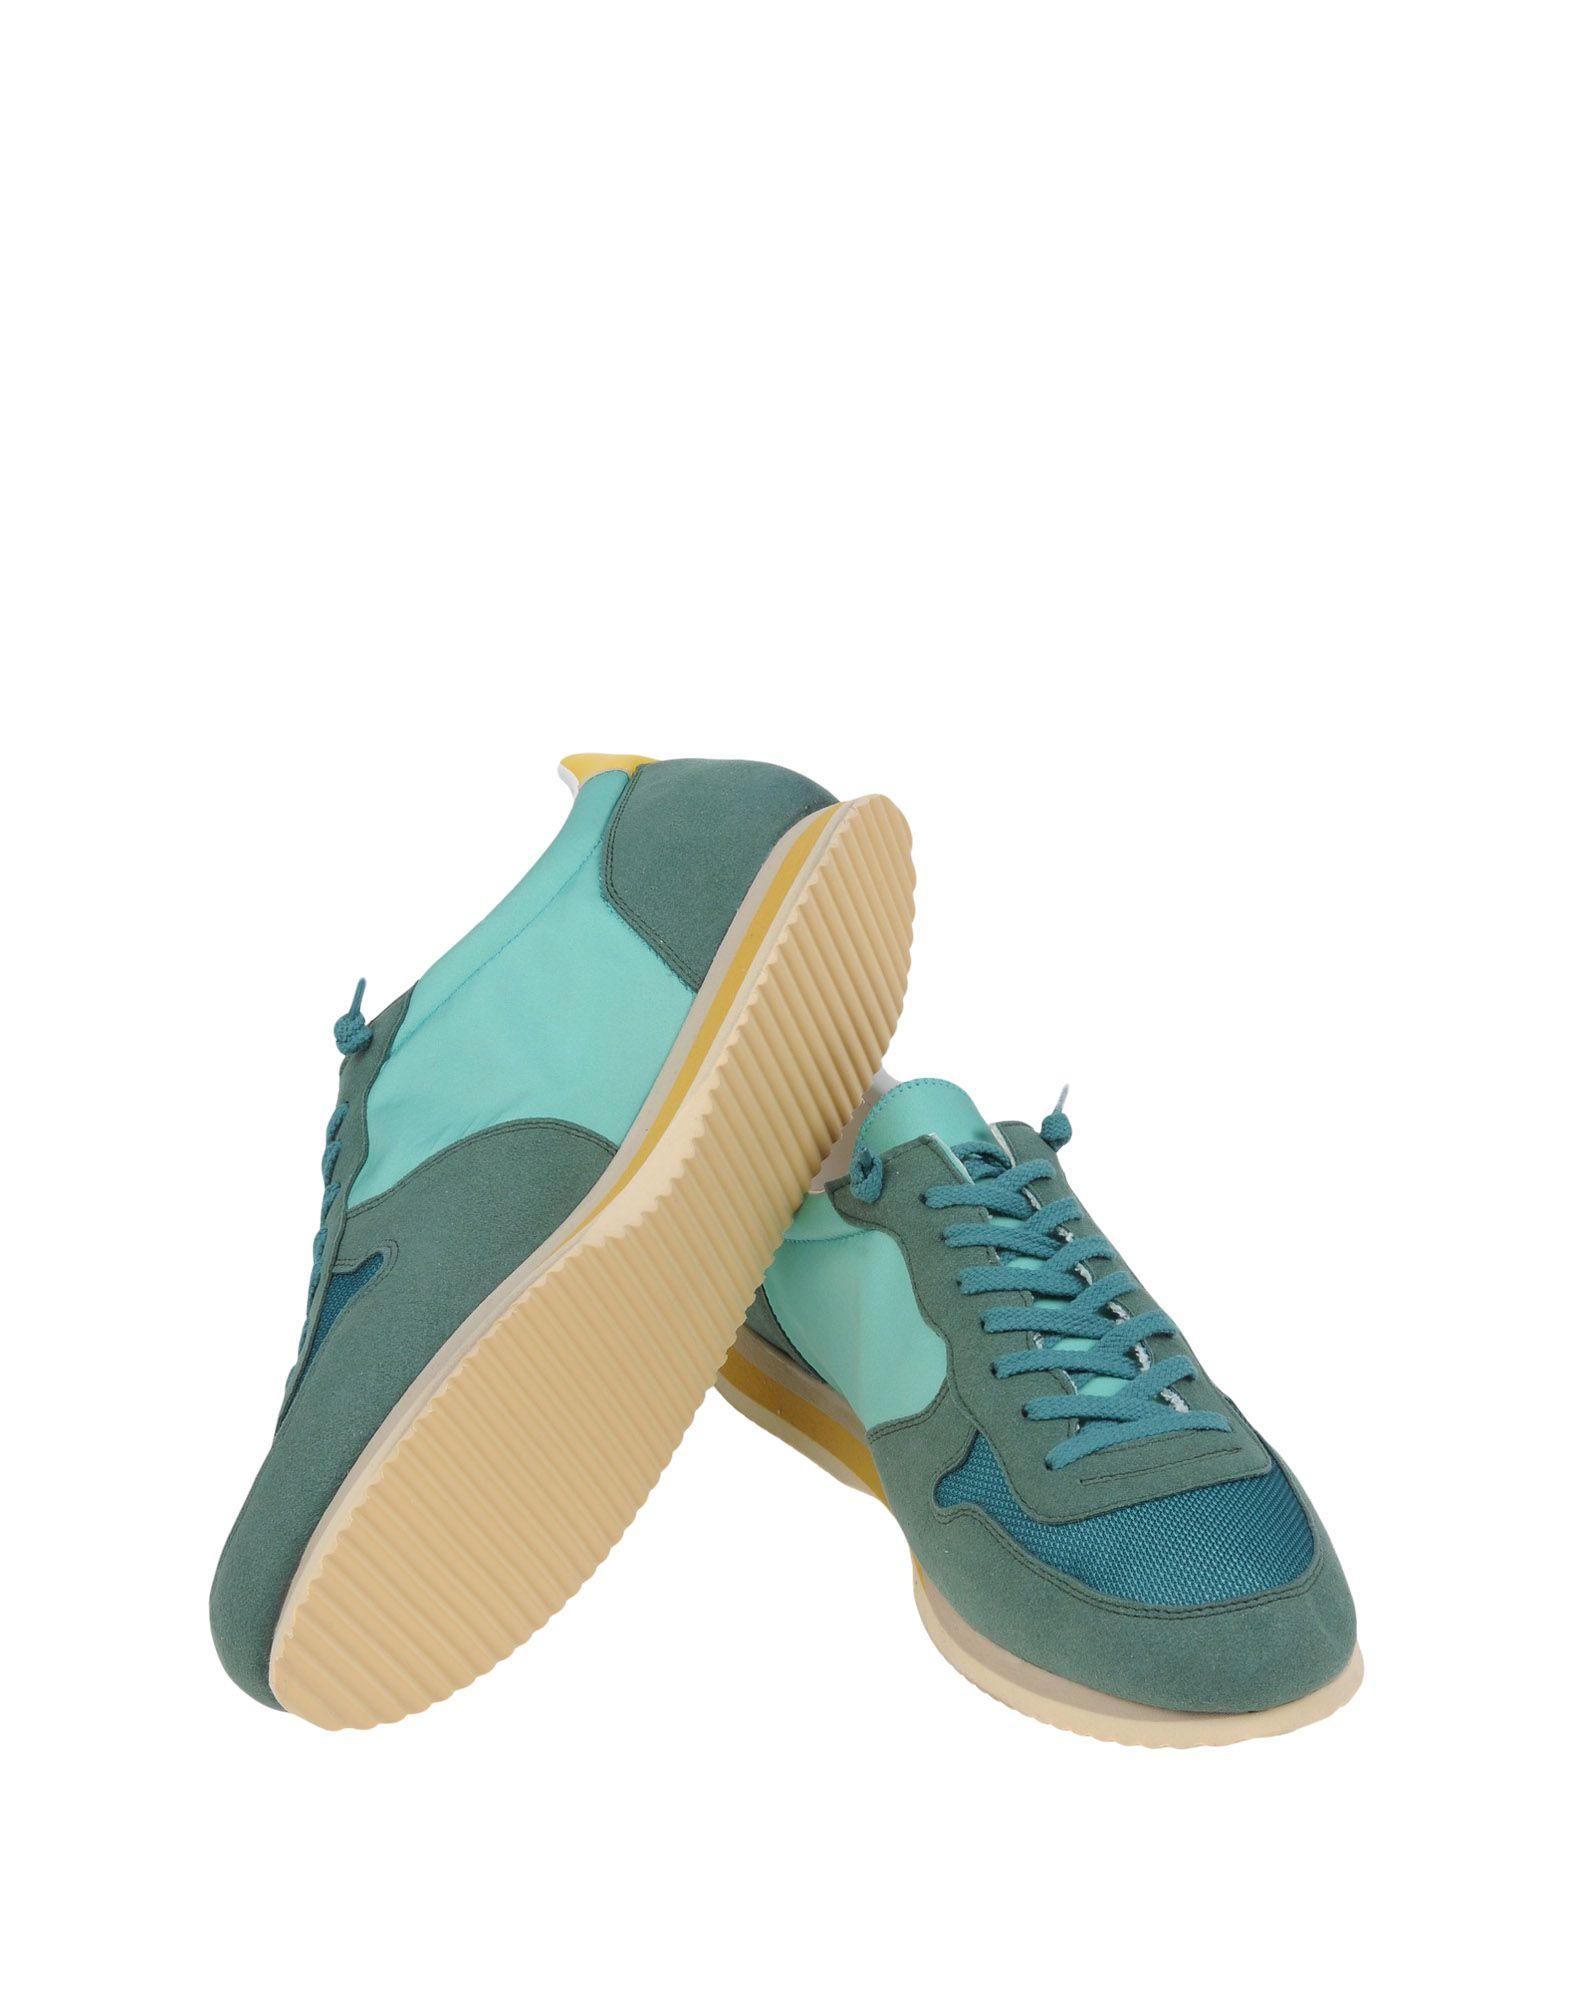 Sneakers Haus Golden Goose Sneakers Haus - Homme - Sneakers Haus Golden Goose sur